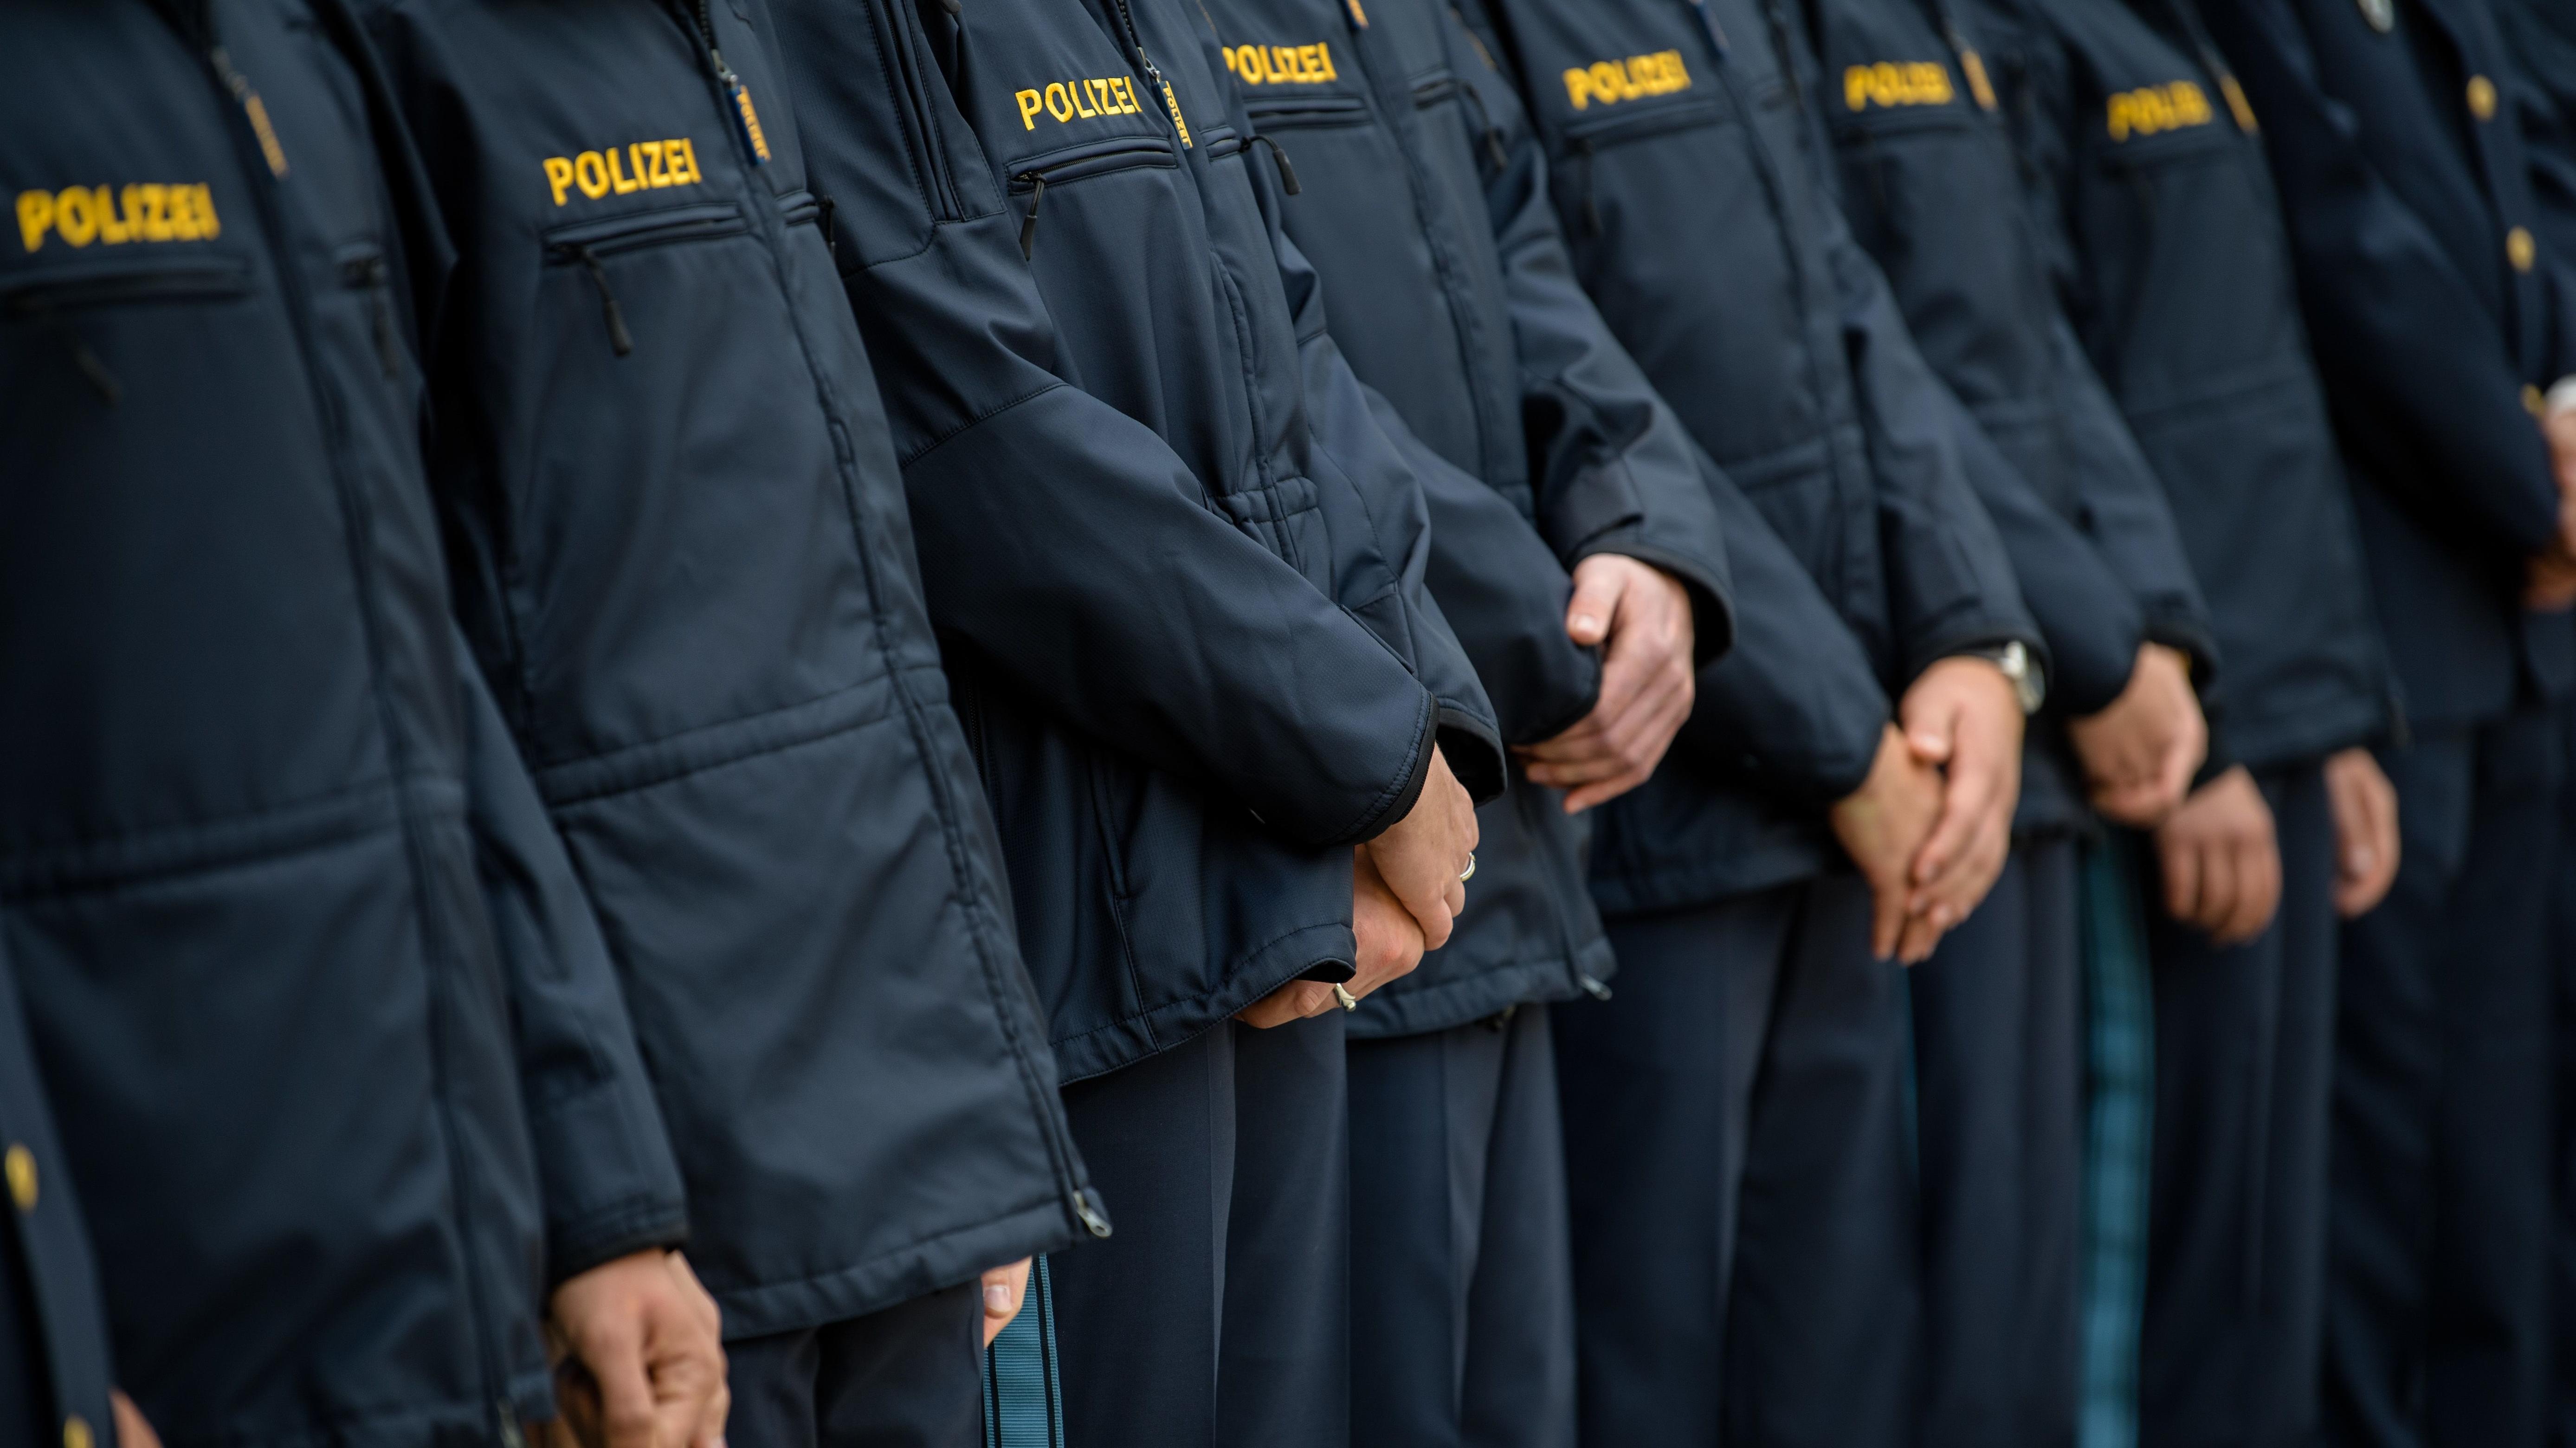 Hände von Polizistinnen und Polizisten.